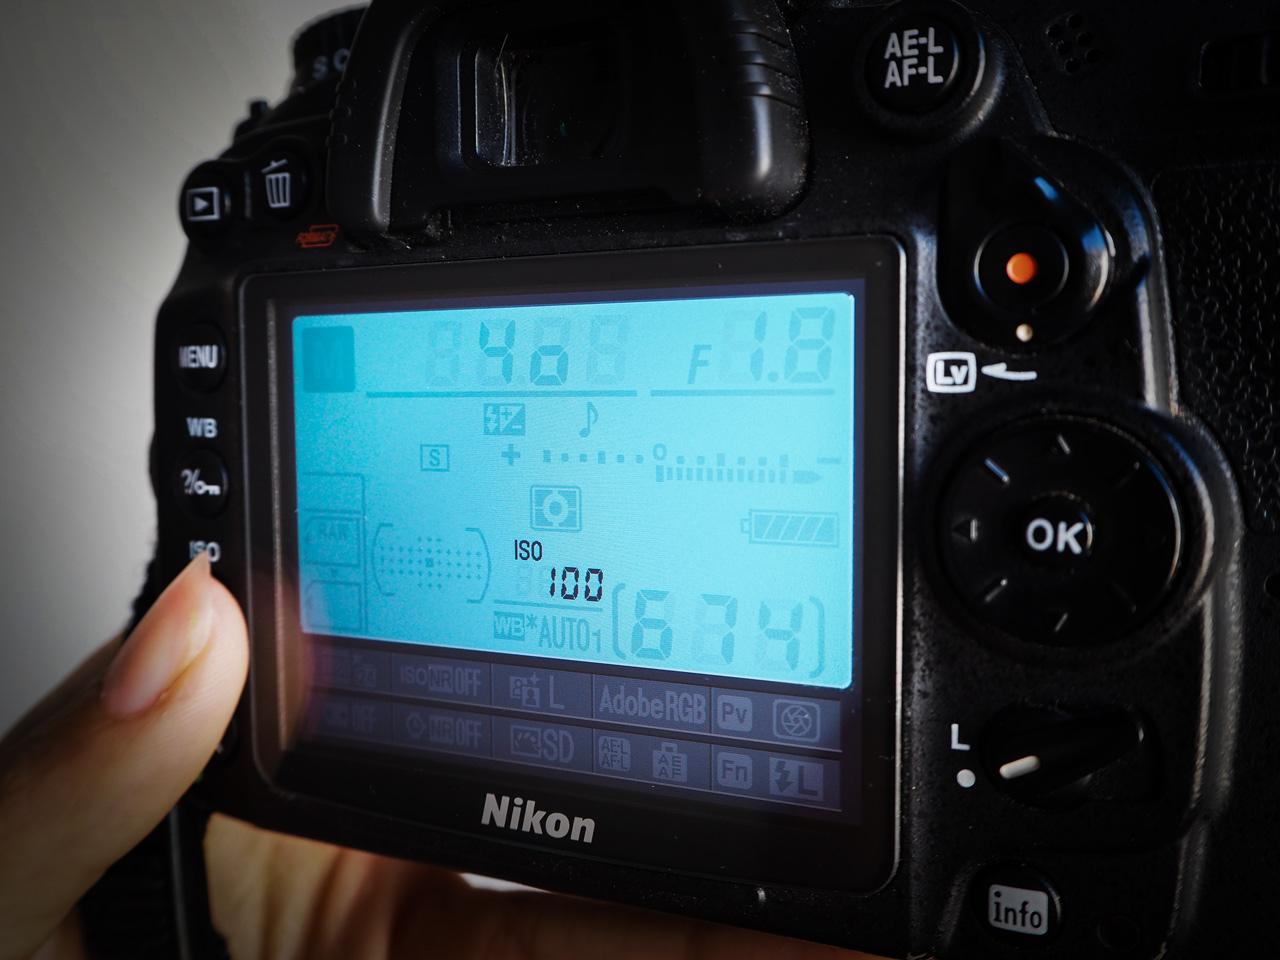 ISO en Fotografía: Qué es y Cómo Se Usa